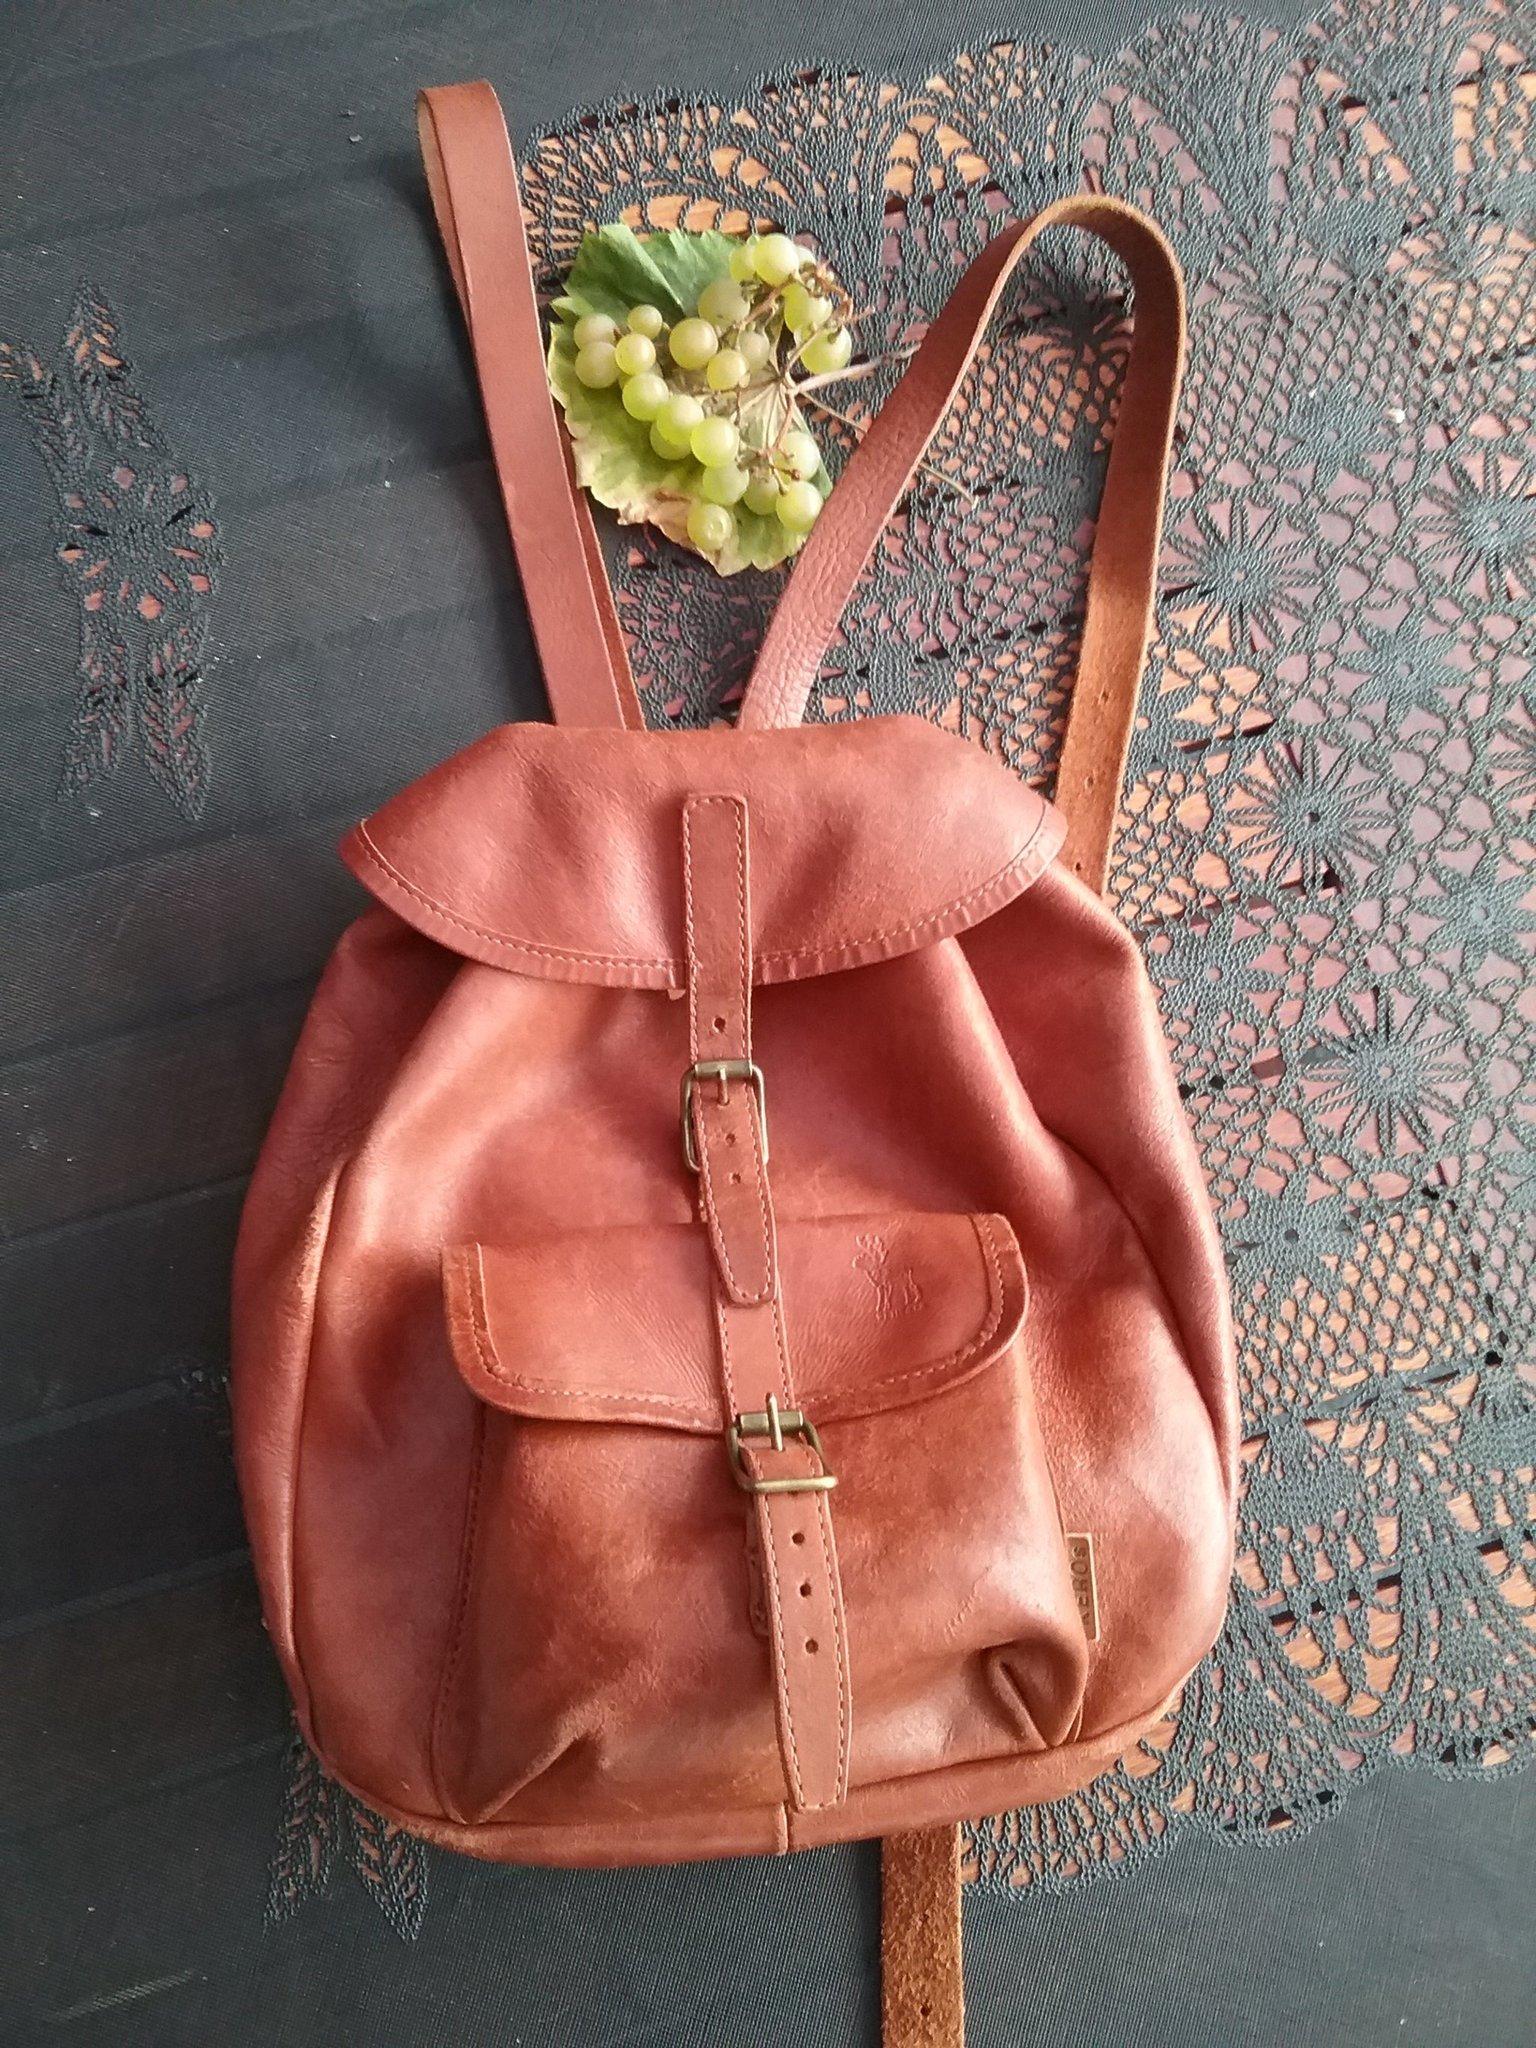 Ryggsäck i äkta renskinn väska (372296576) ᐈ Köp på Tradera